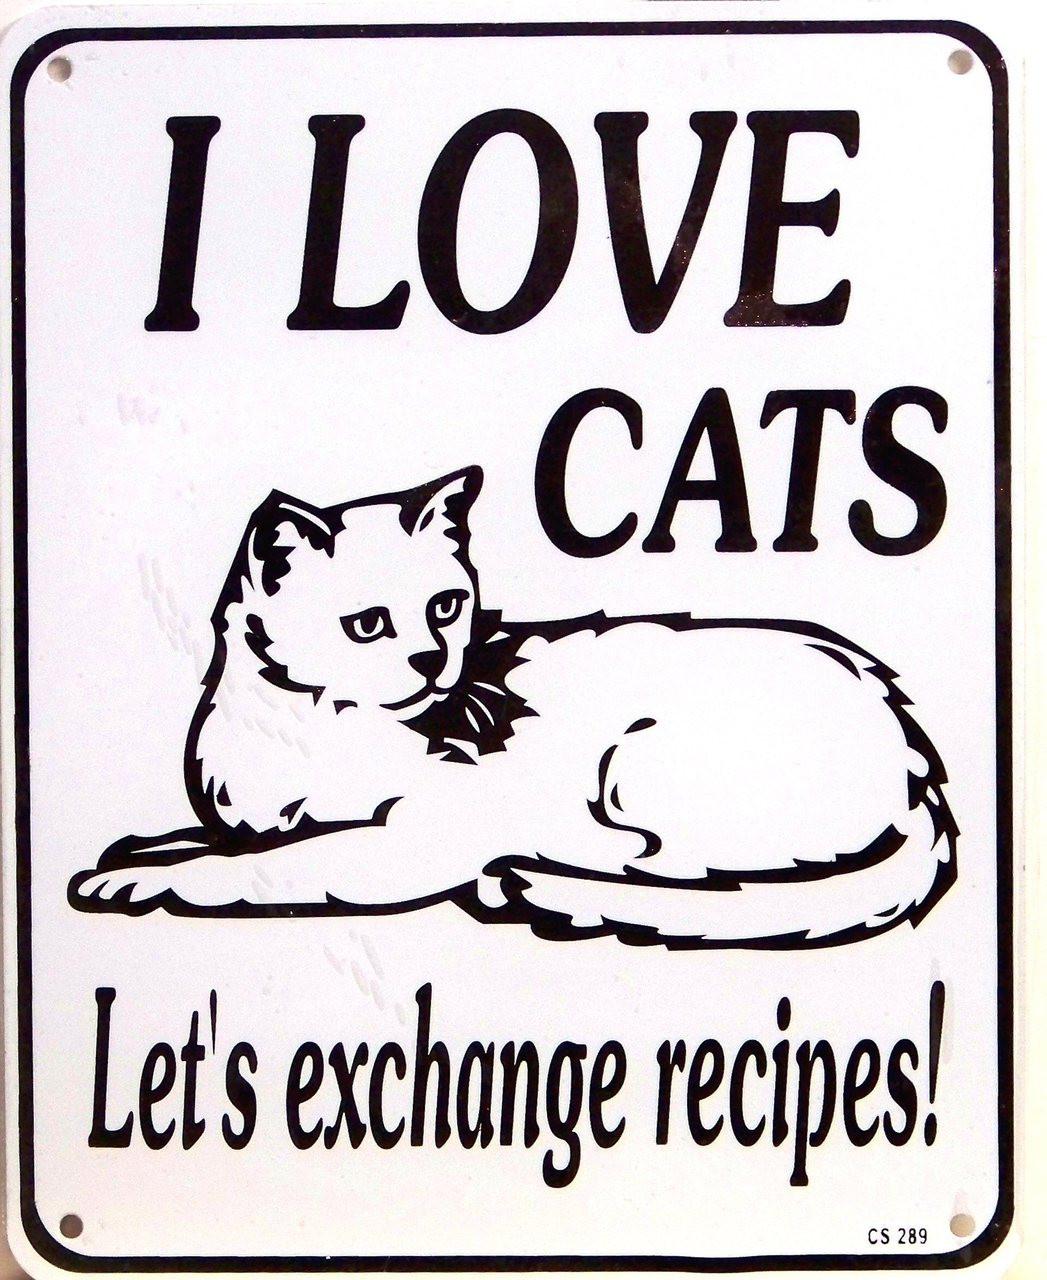 CAT RECIPES SIGN